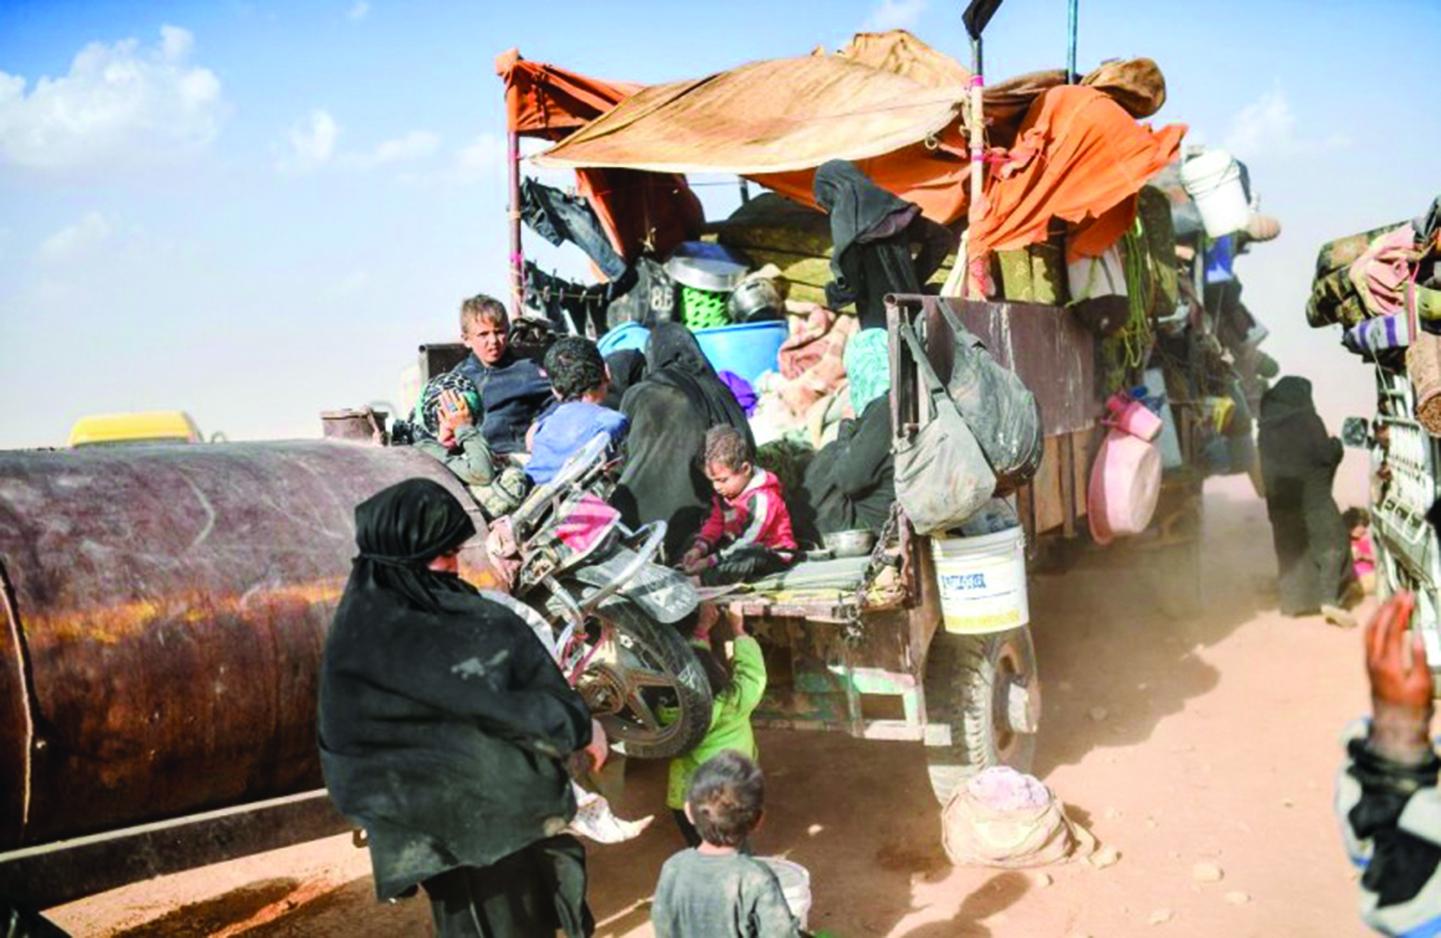 2017年10月2日,從德伊爾·埃佐市流離失所的敘利亞人聚集在拉卡郊外。(AFP)